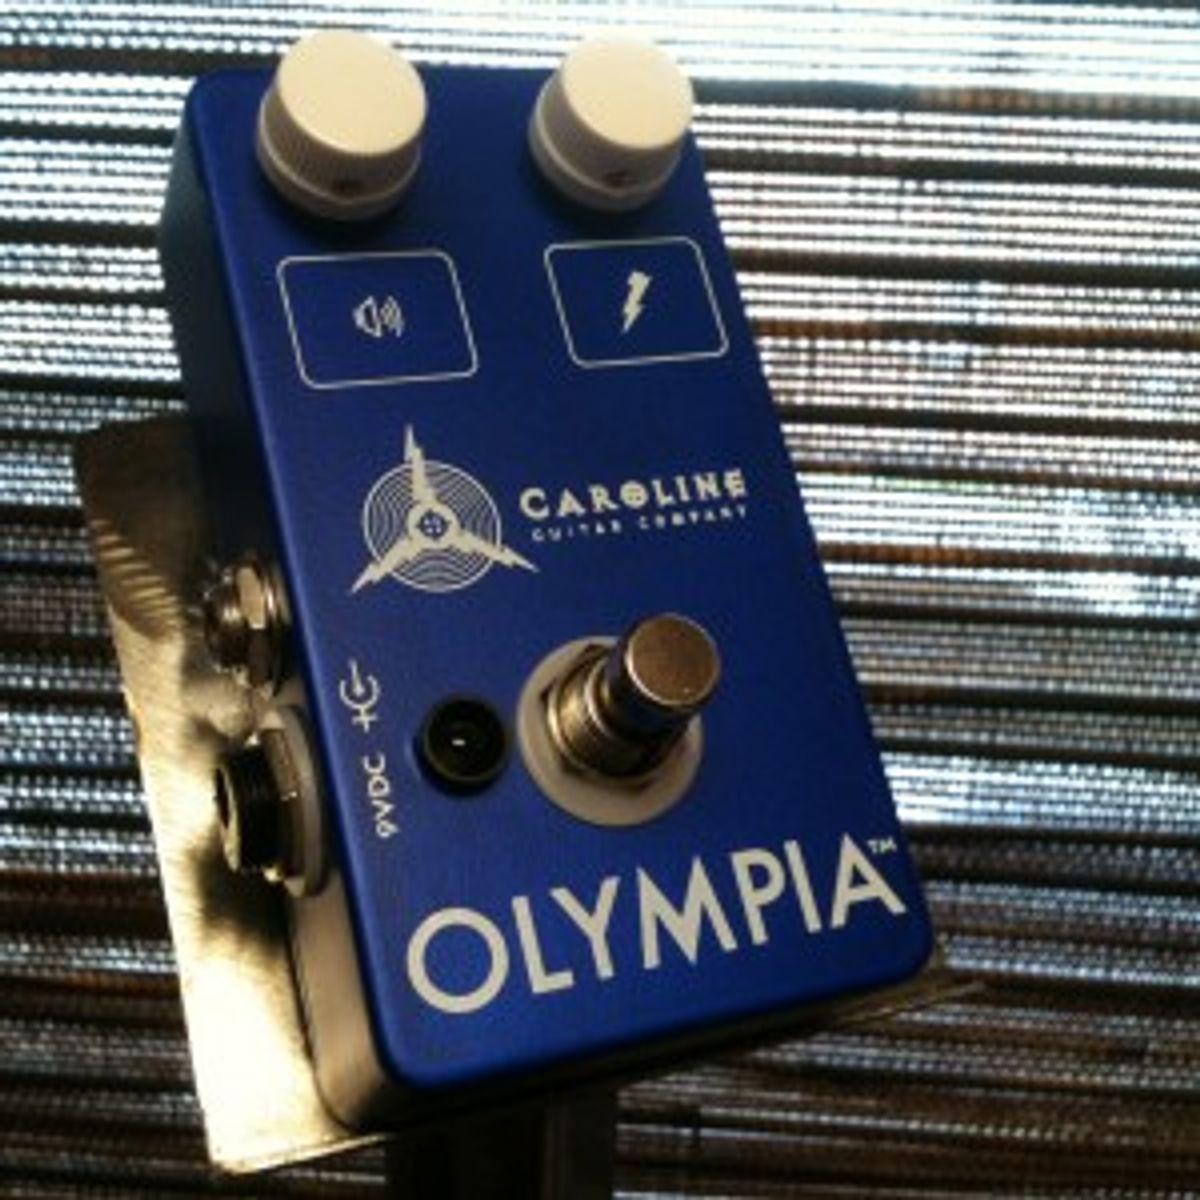 Caroline Guitar Company Releases Olympia Pedal With Kickstarter.com